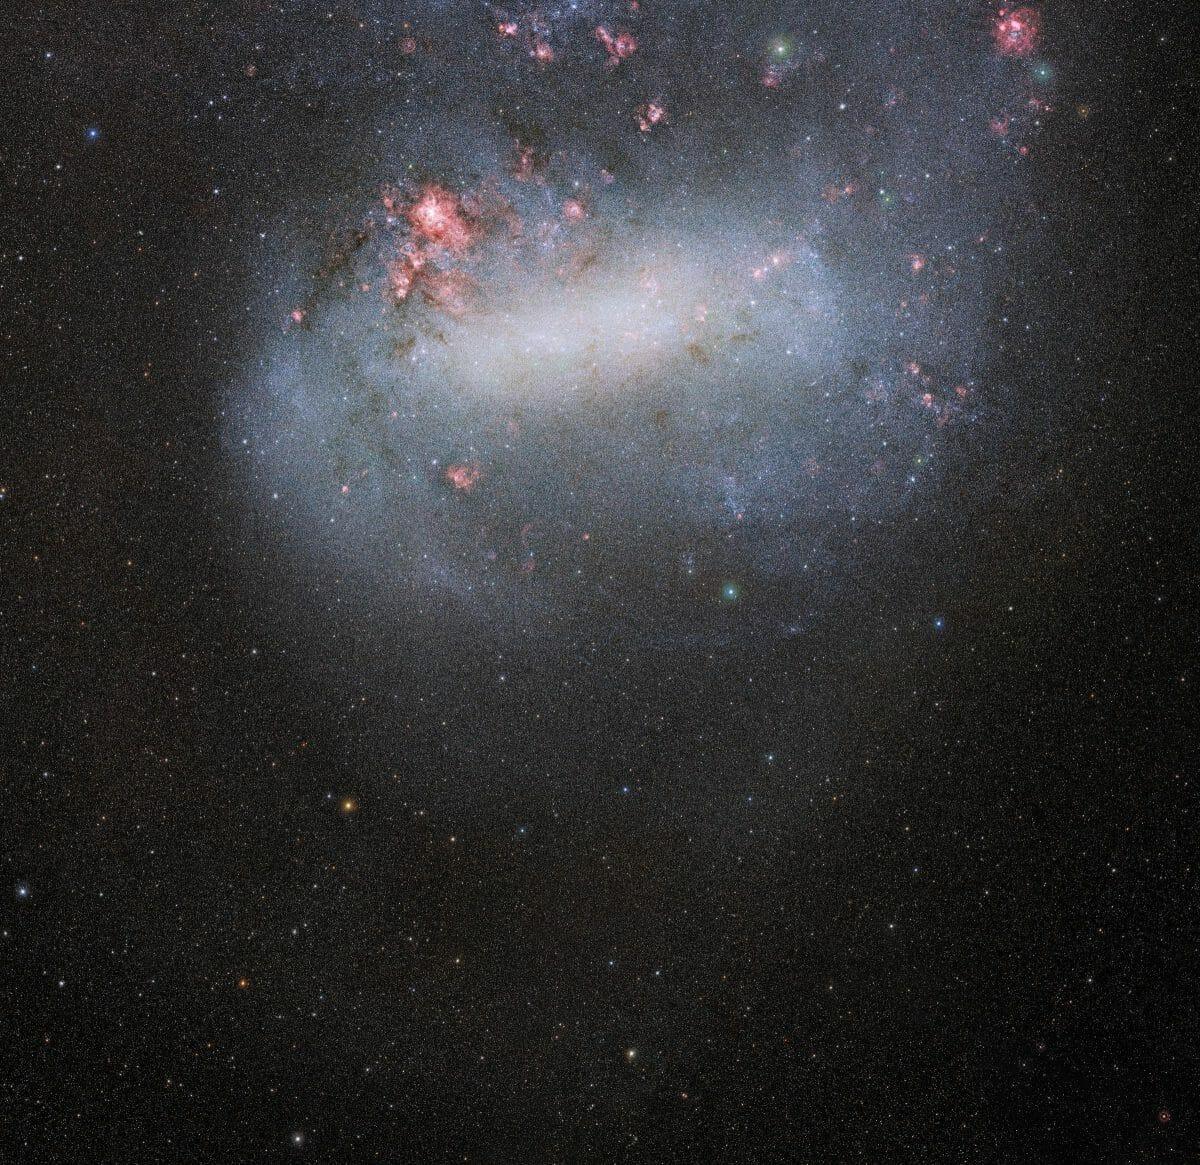 セロ・トロロ汎米天文台で撮影された「大マゼラン雲」